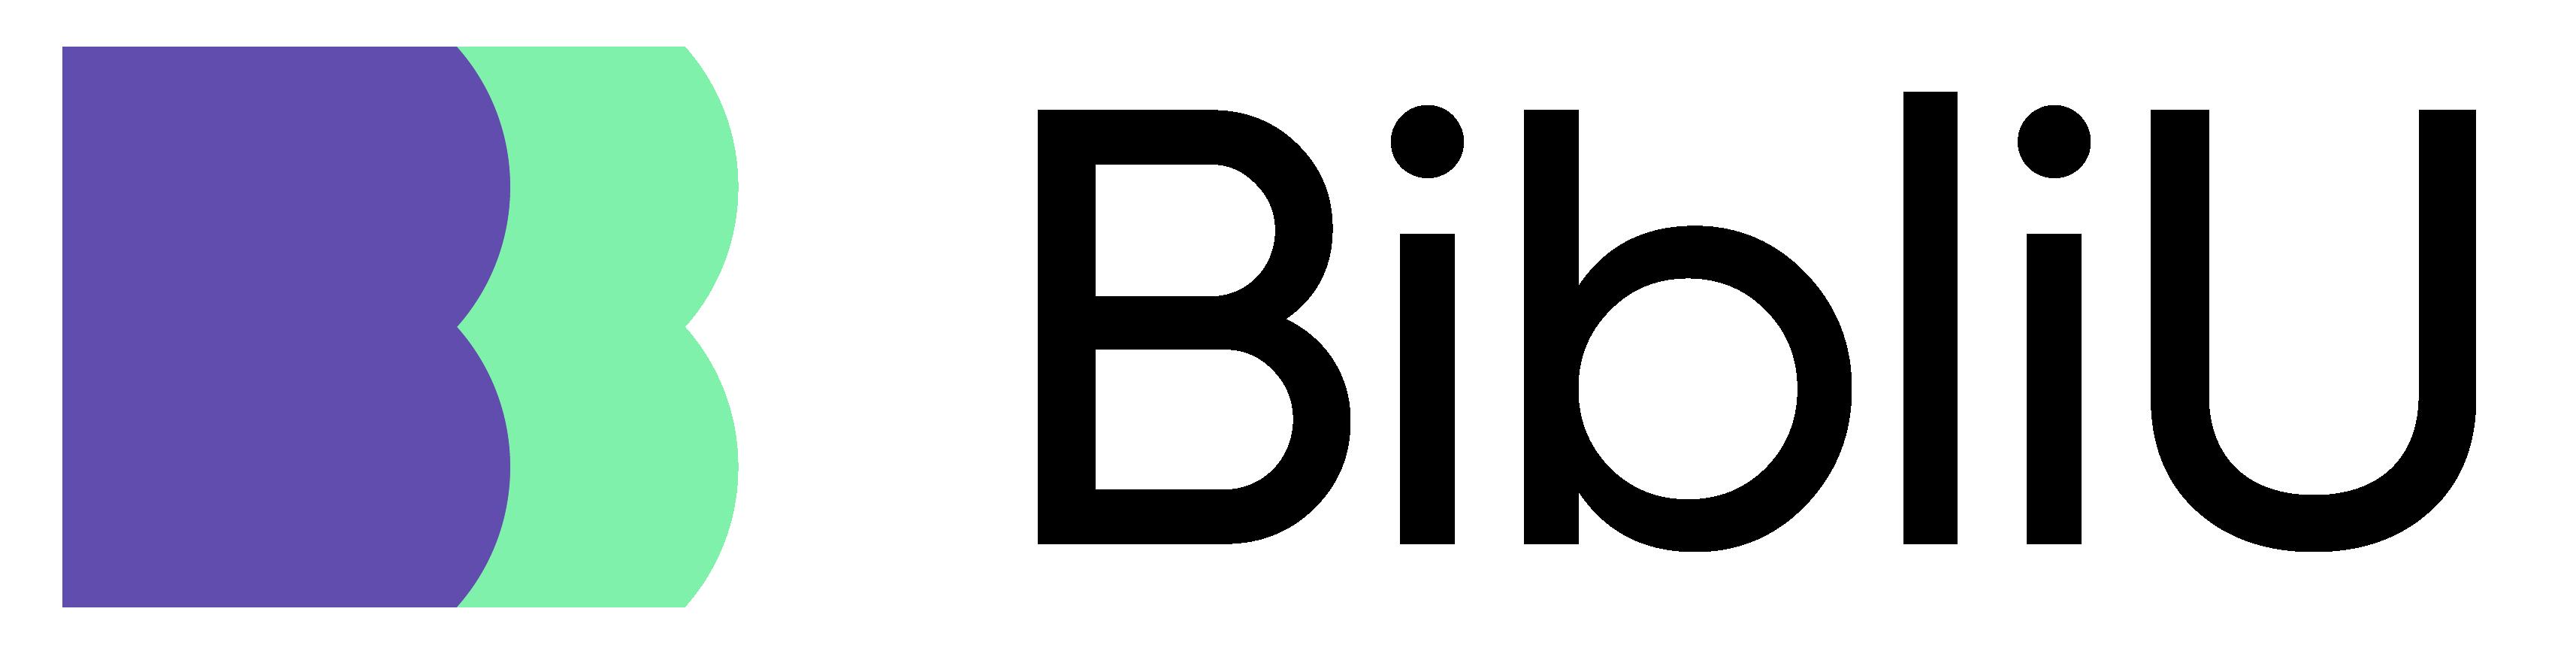 BibliU logo